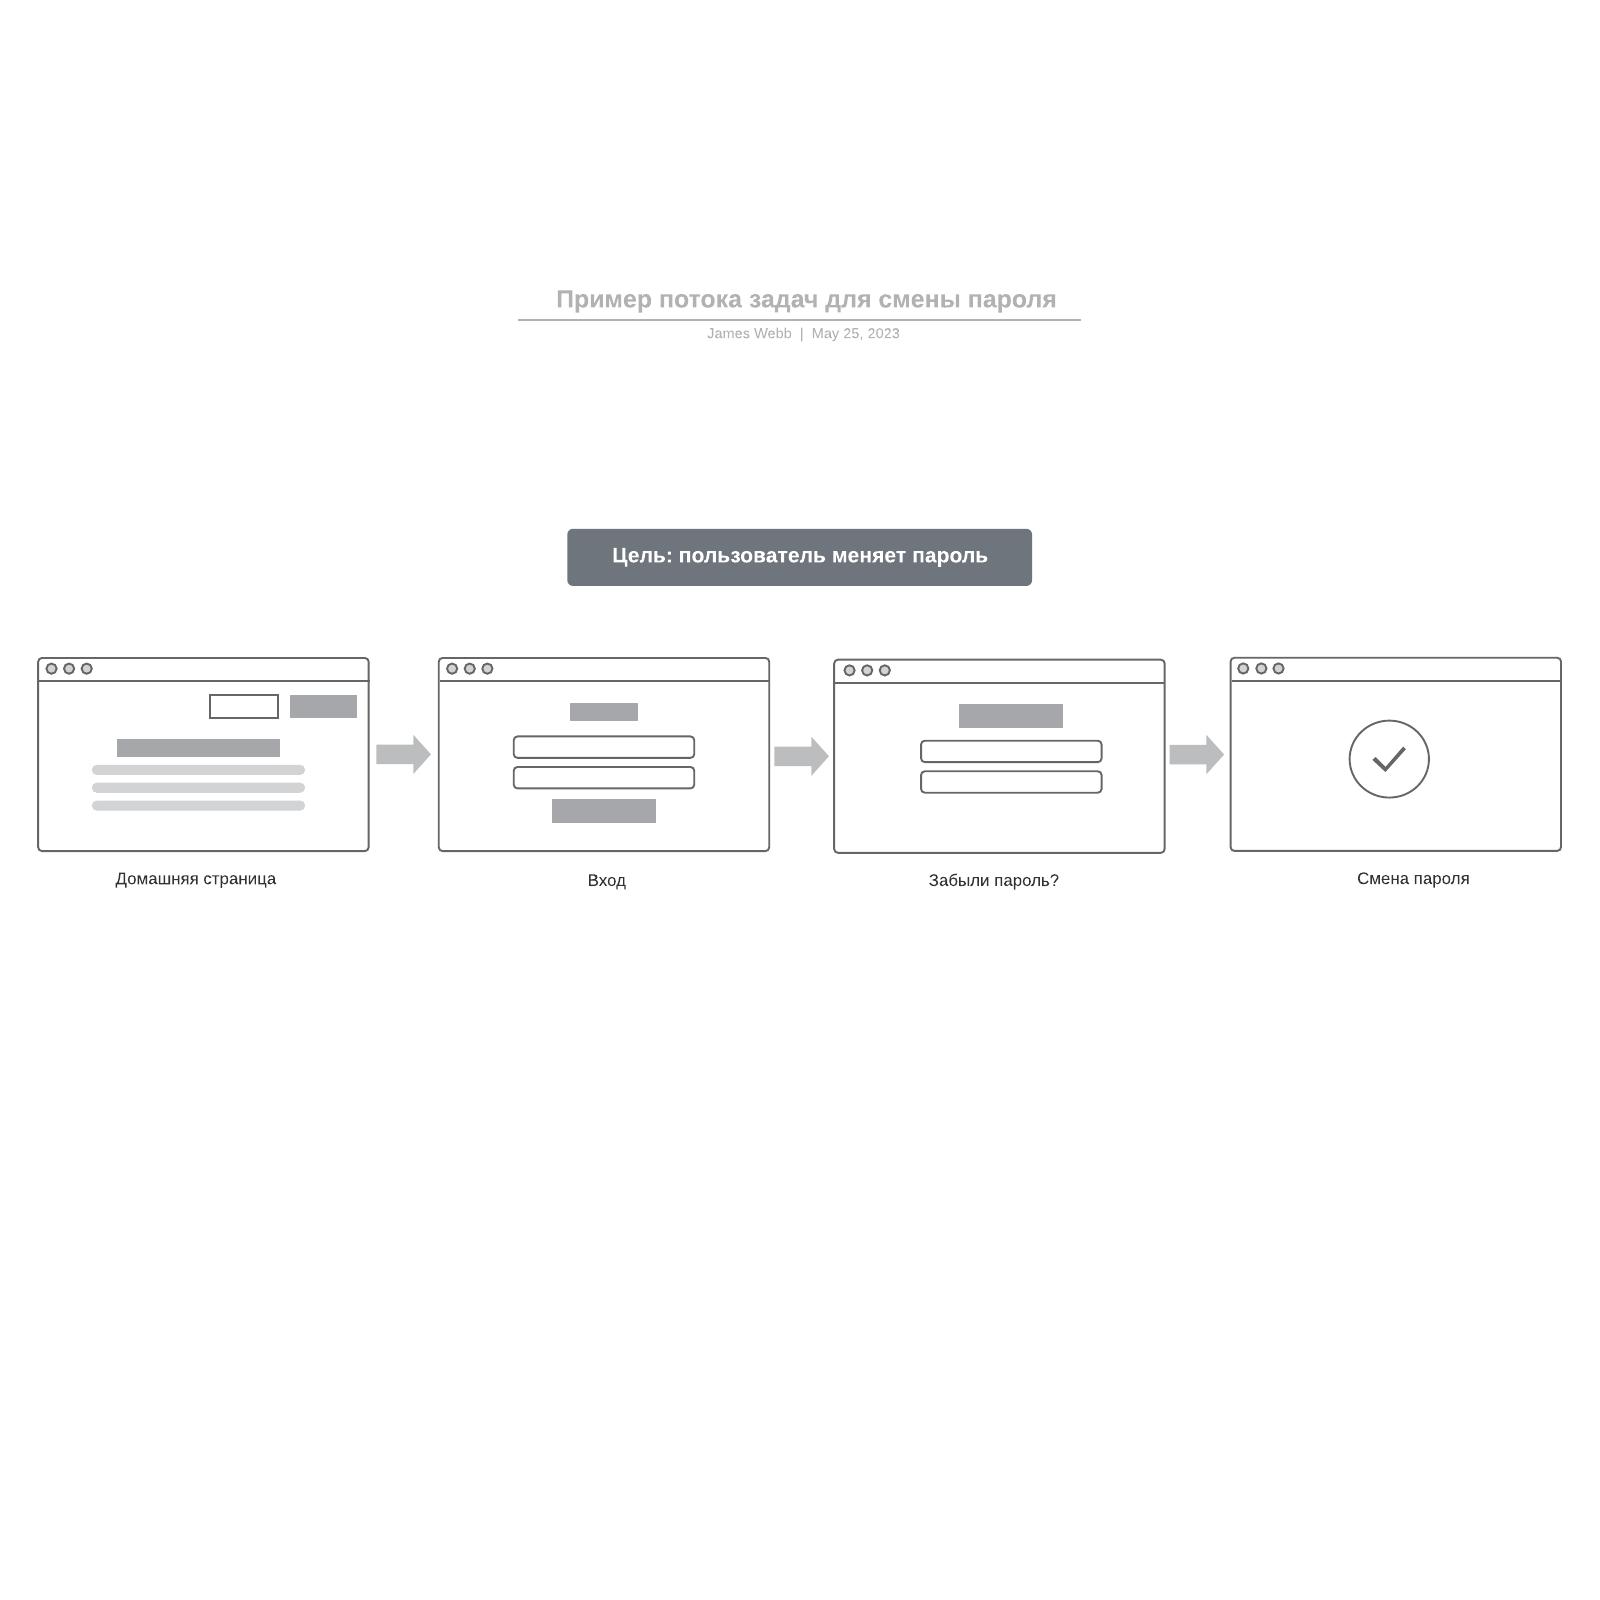 Пример потока задач для смены пароля